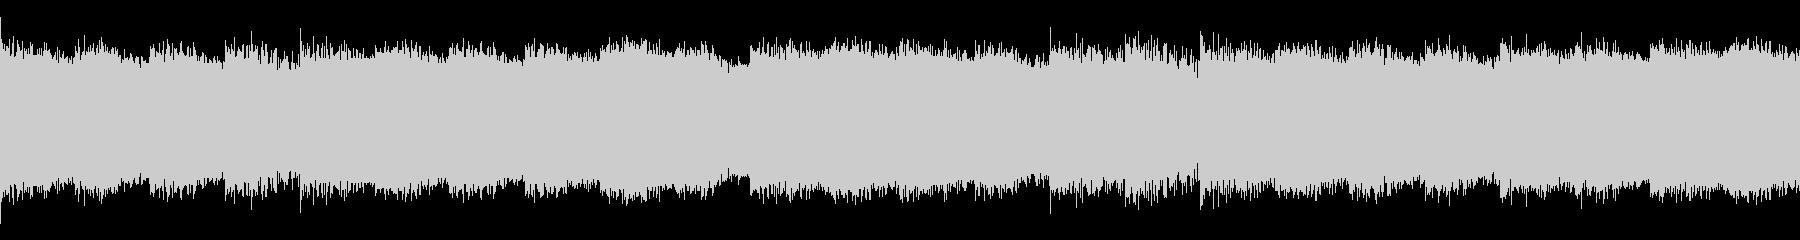 サイレントヒル風 ホラー ノイズ ループの未再生の波形